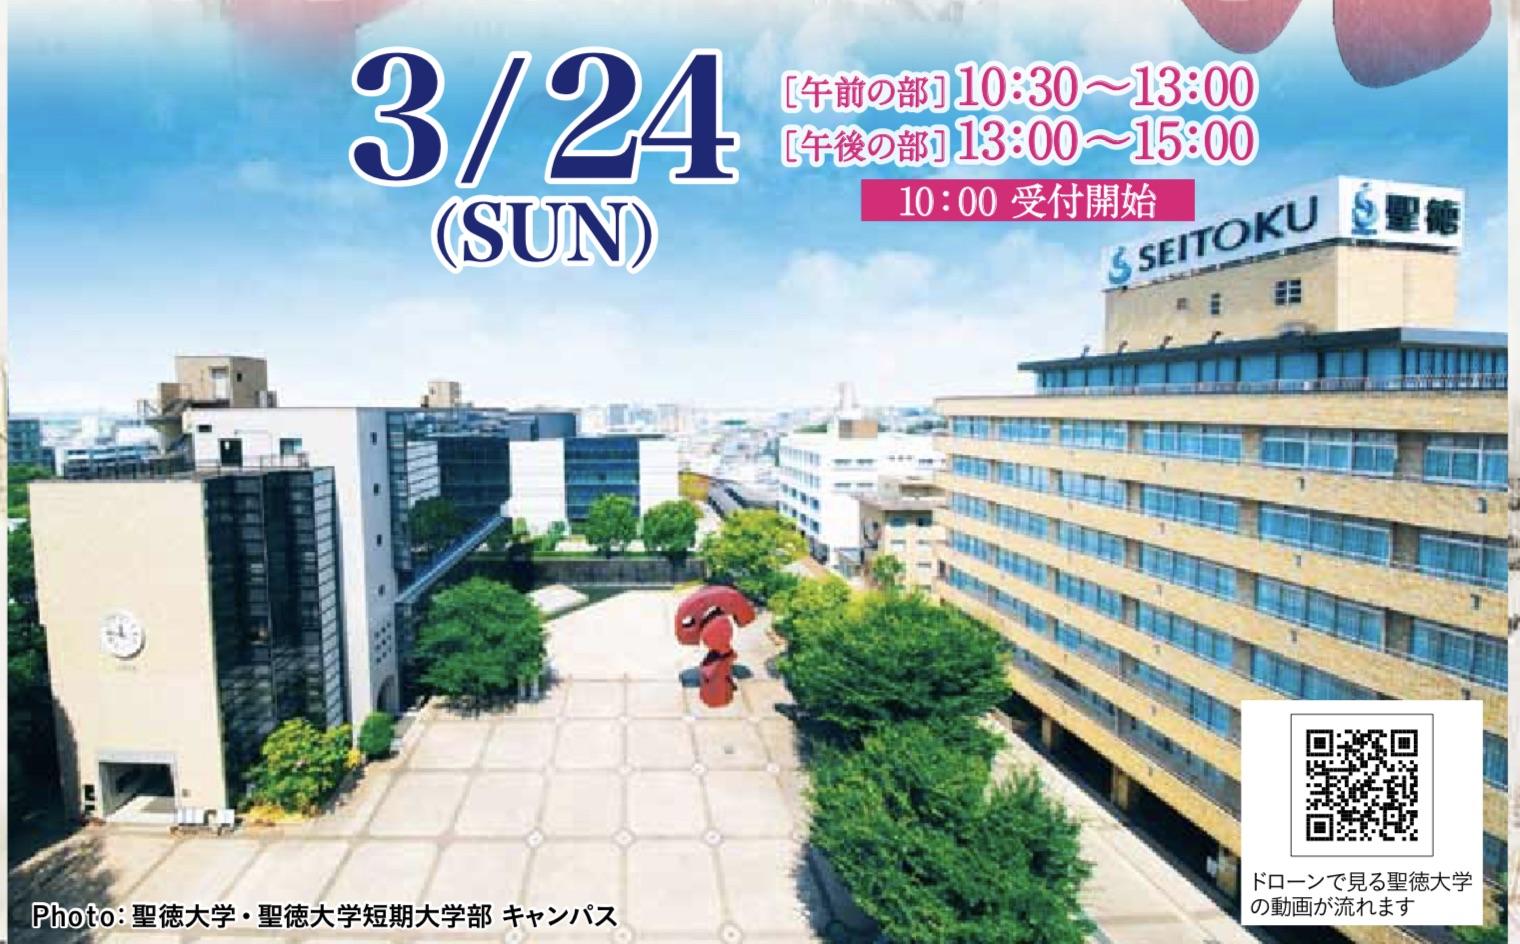 3月24日(日)にオープンキャンパスを開催します